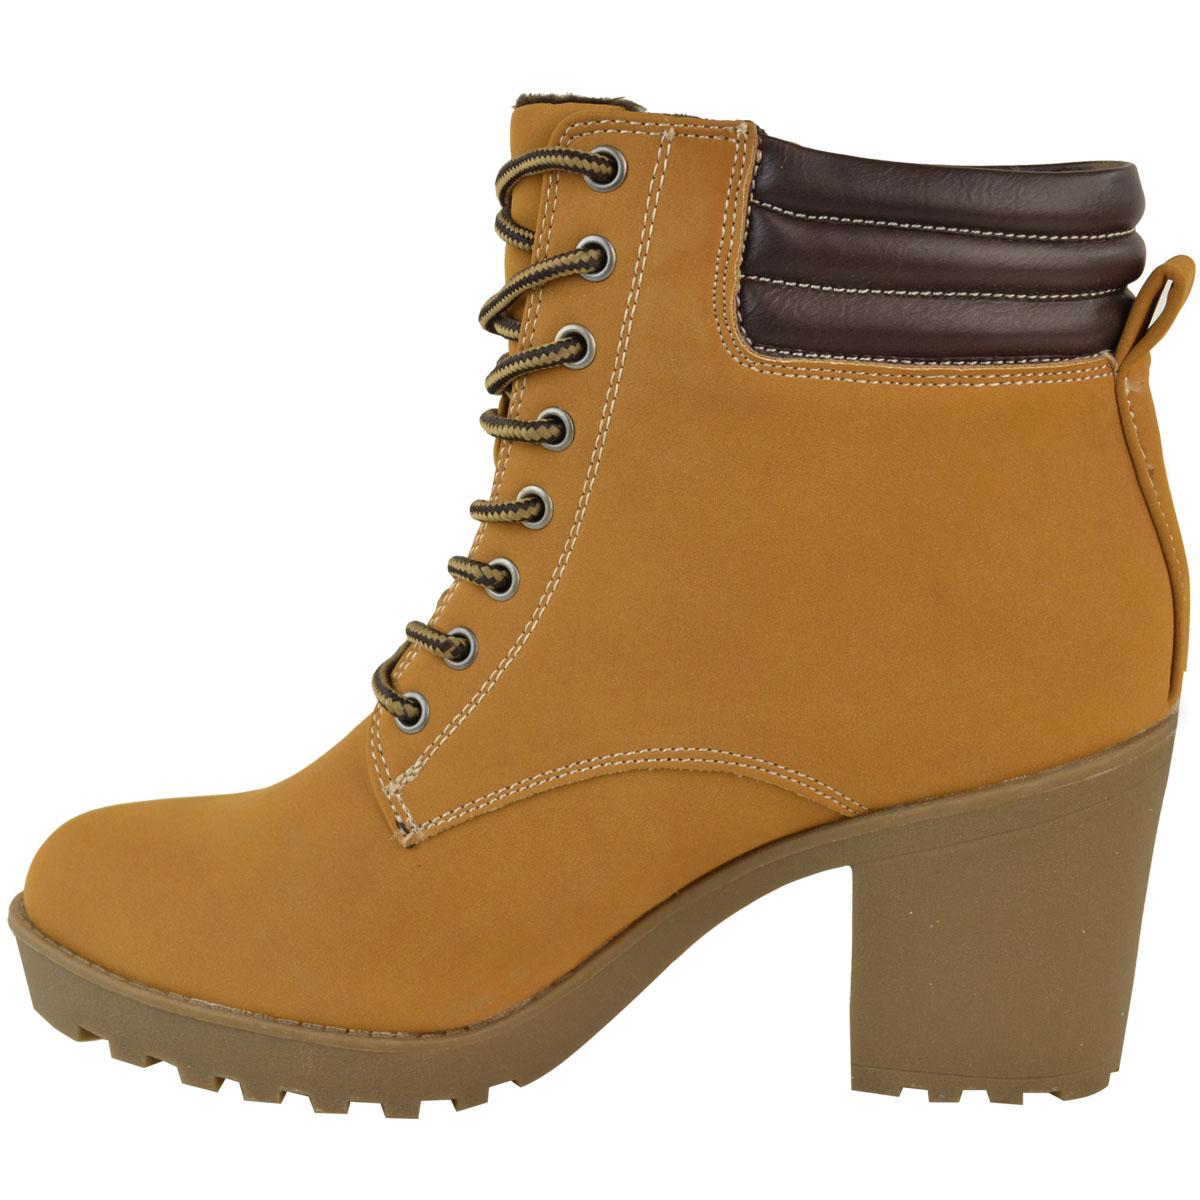 Womens-Ladies-Winter-Walking-Boots-Fleece-Warm-Lining-Cosy-Low-Block-Heel-Size Indexbild 20